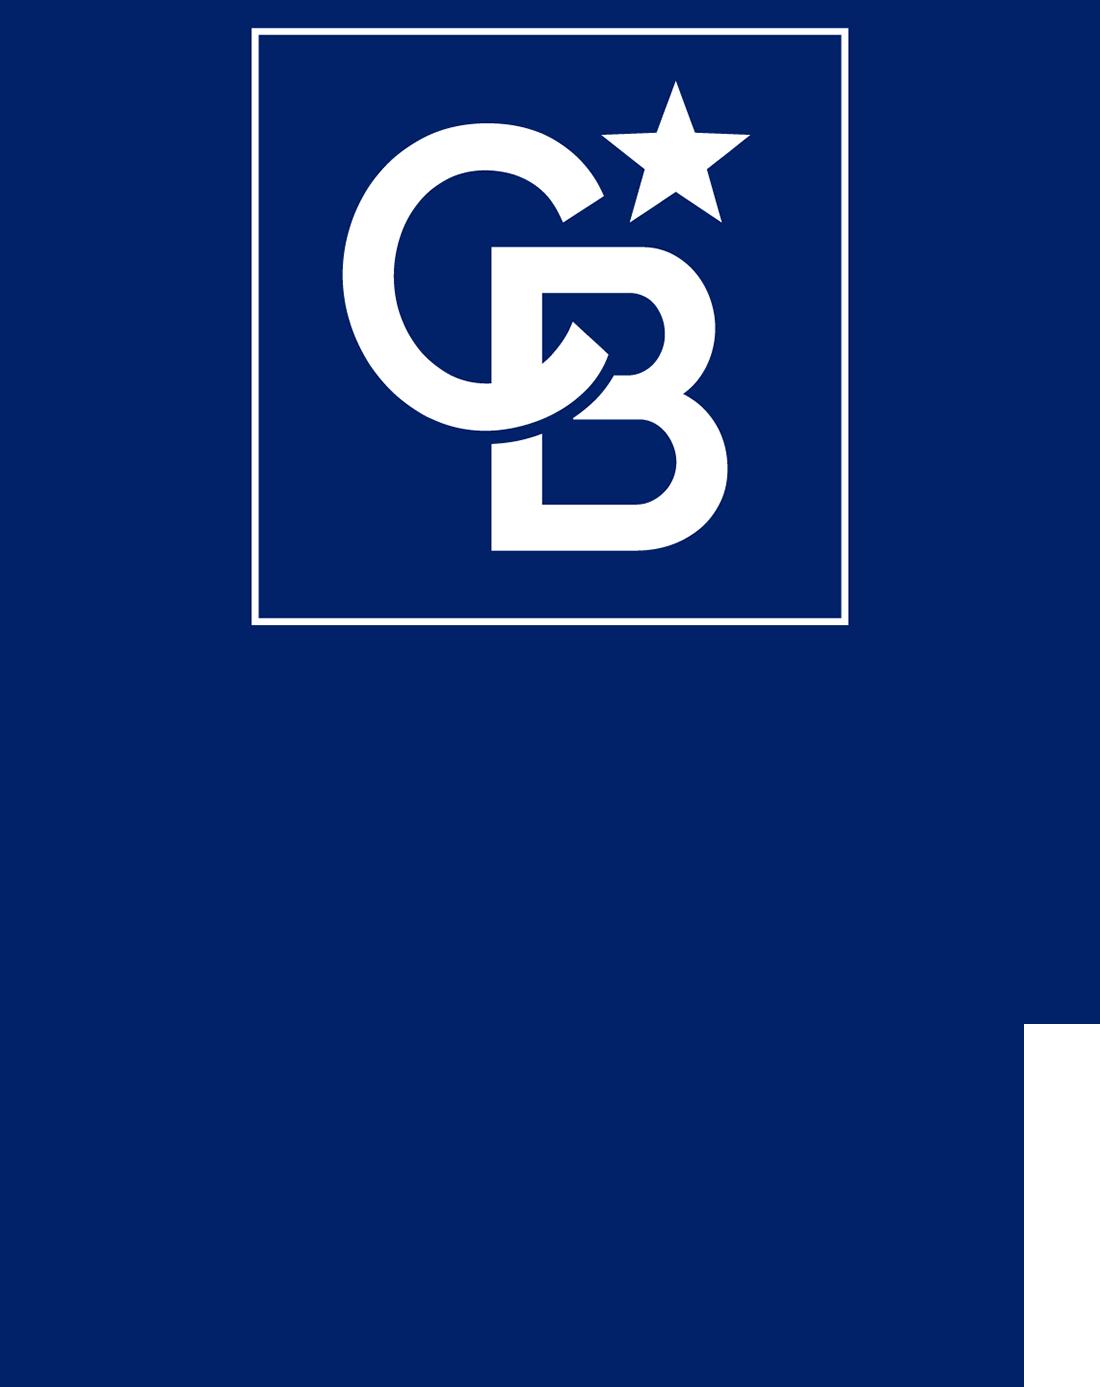 Farm & Home Realty Inc.